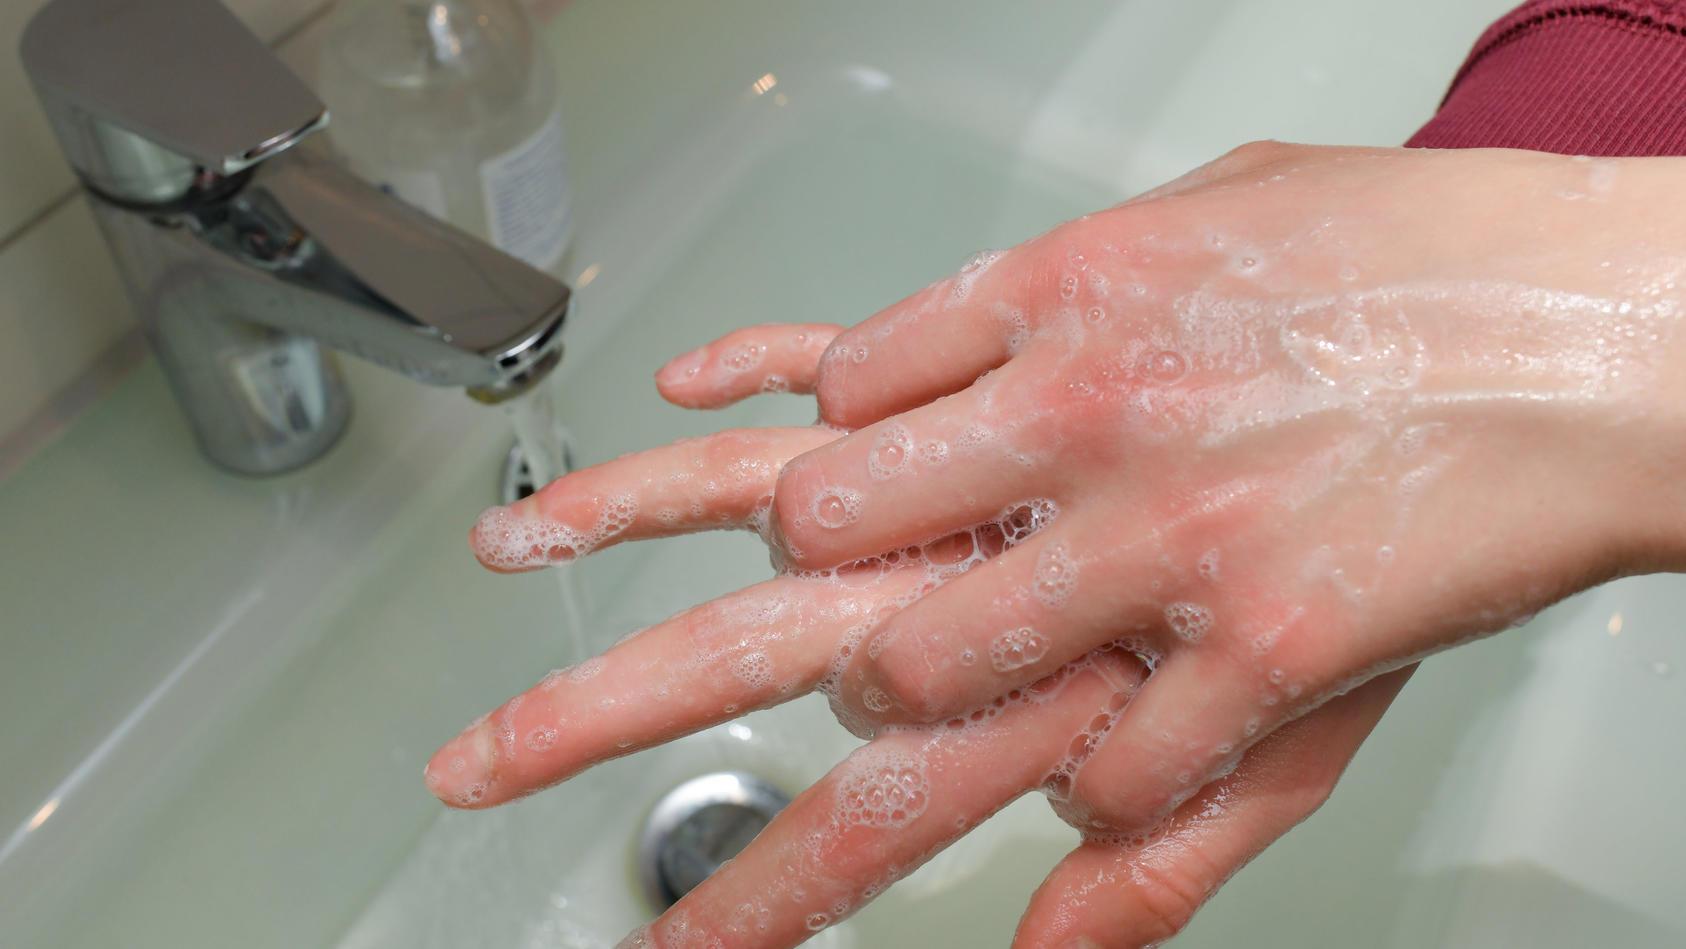 Coronavirus - Hygiene ist jetzt besonders wichtig.